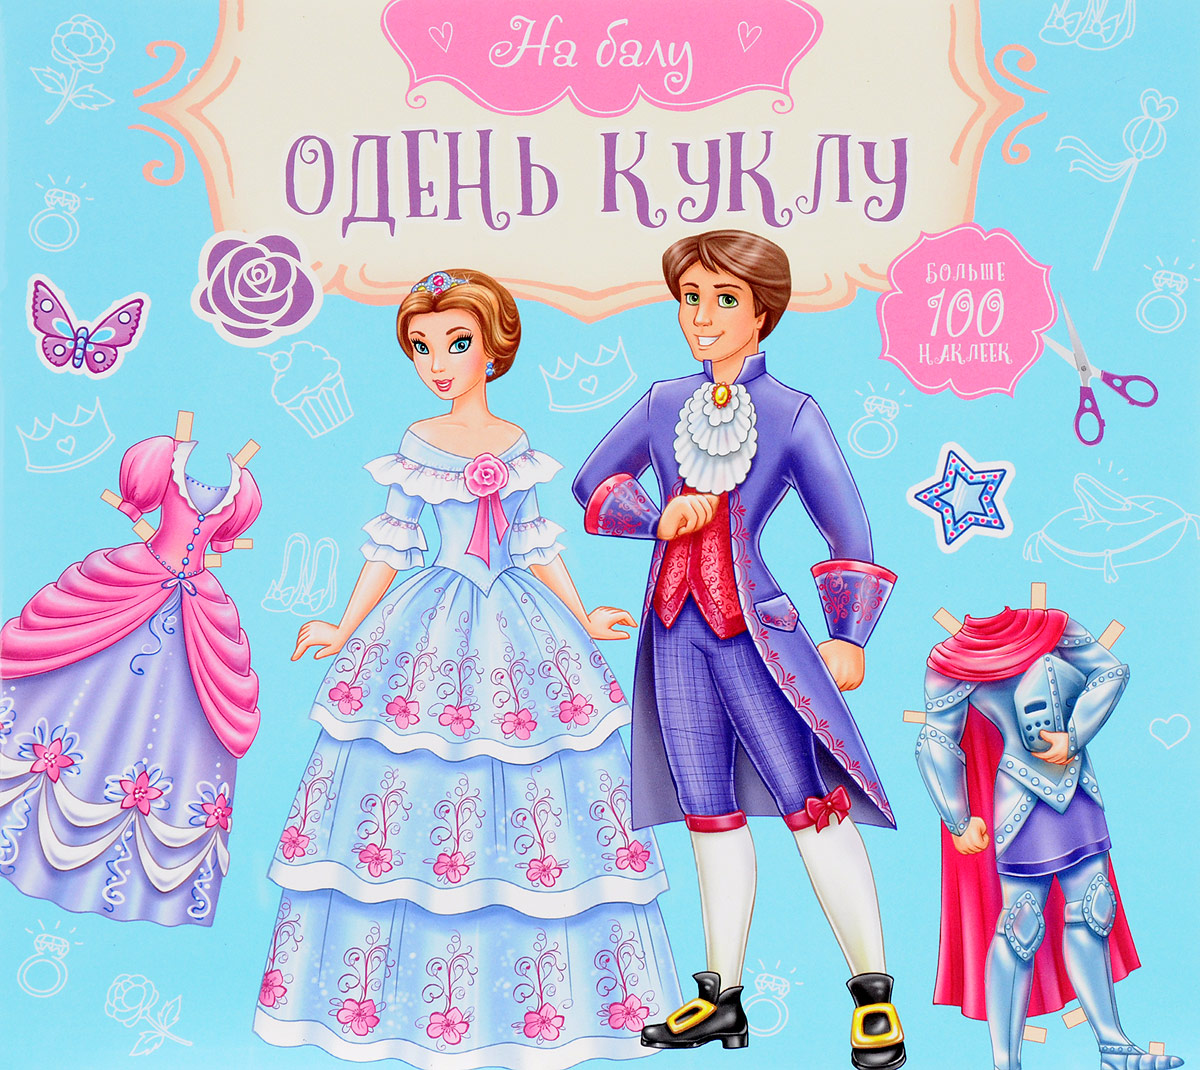 На балу. Принц и принцесса умка сказочная мода одень куклу 50 наклеек